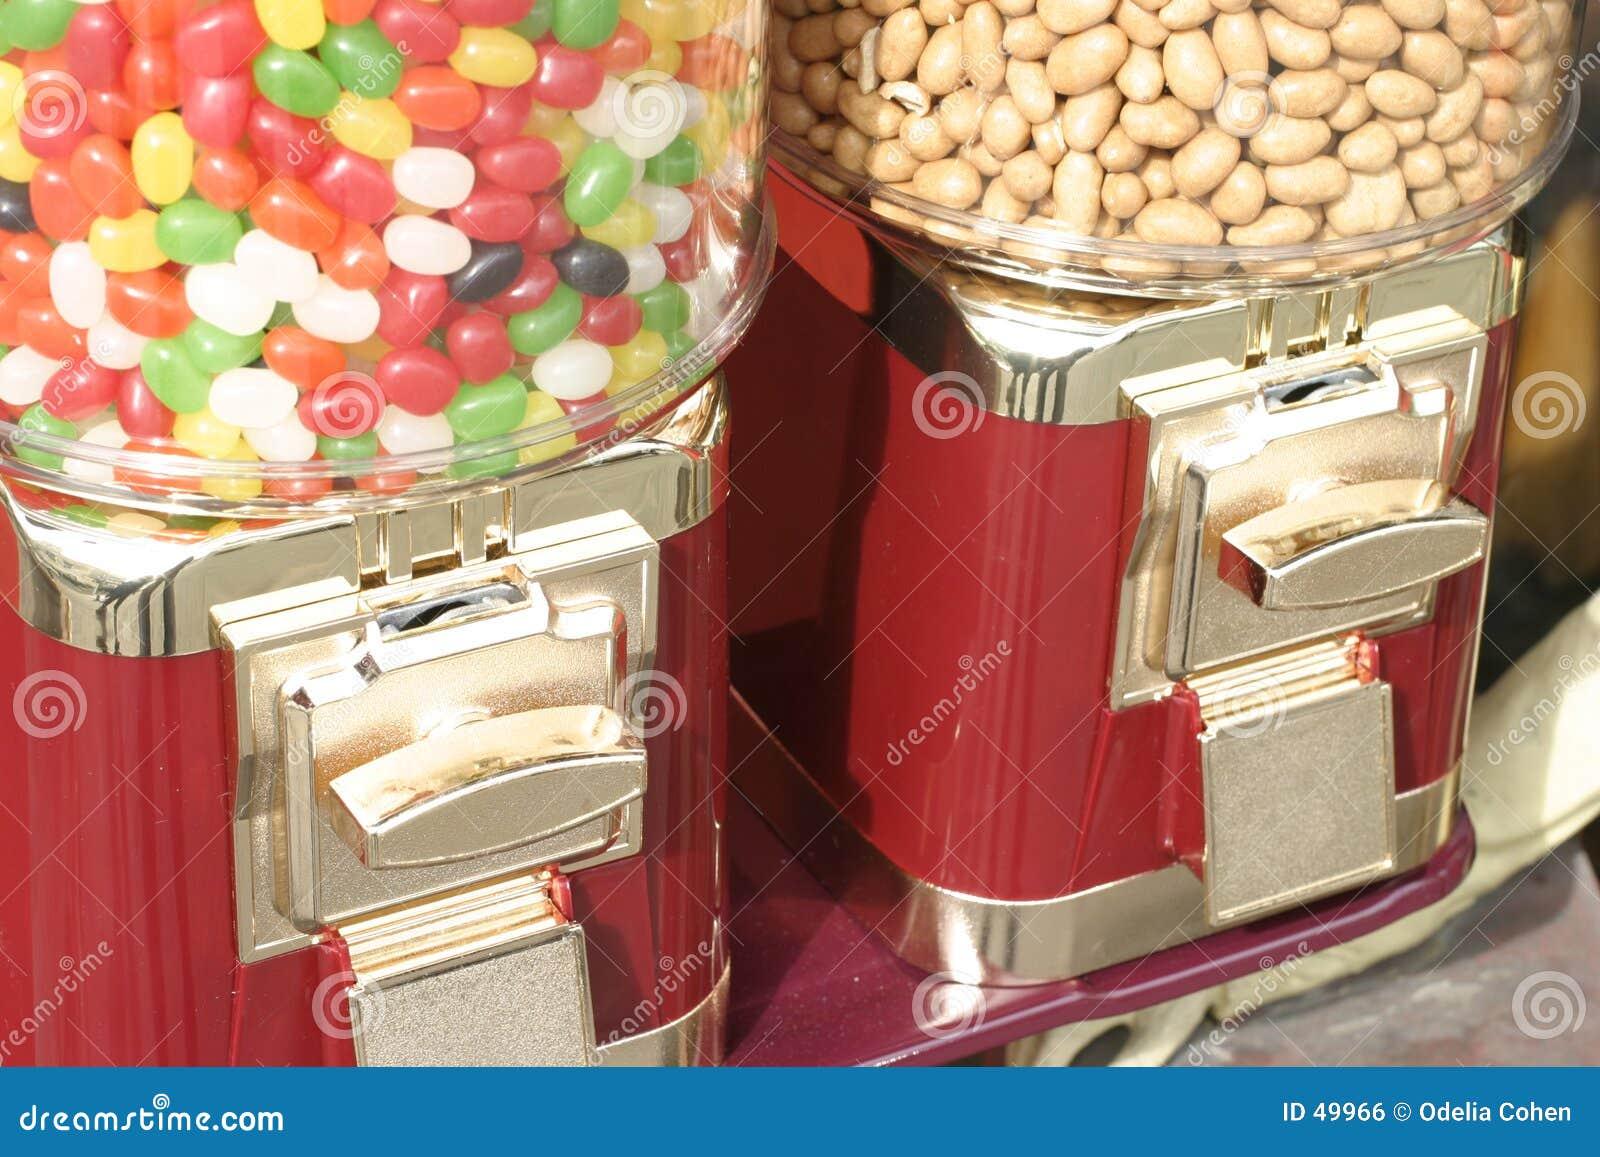 Feijões e amendoins de geléia